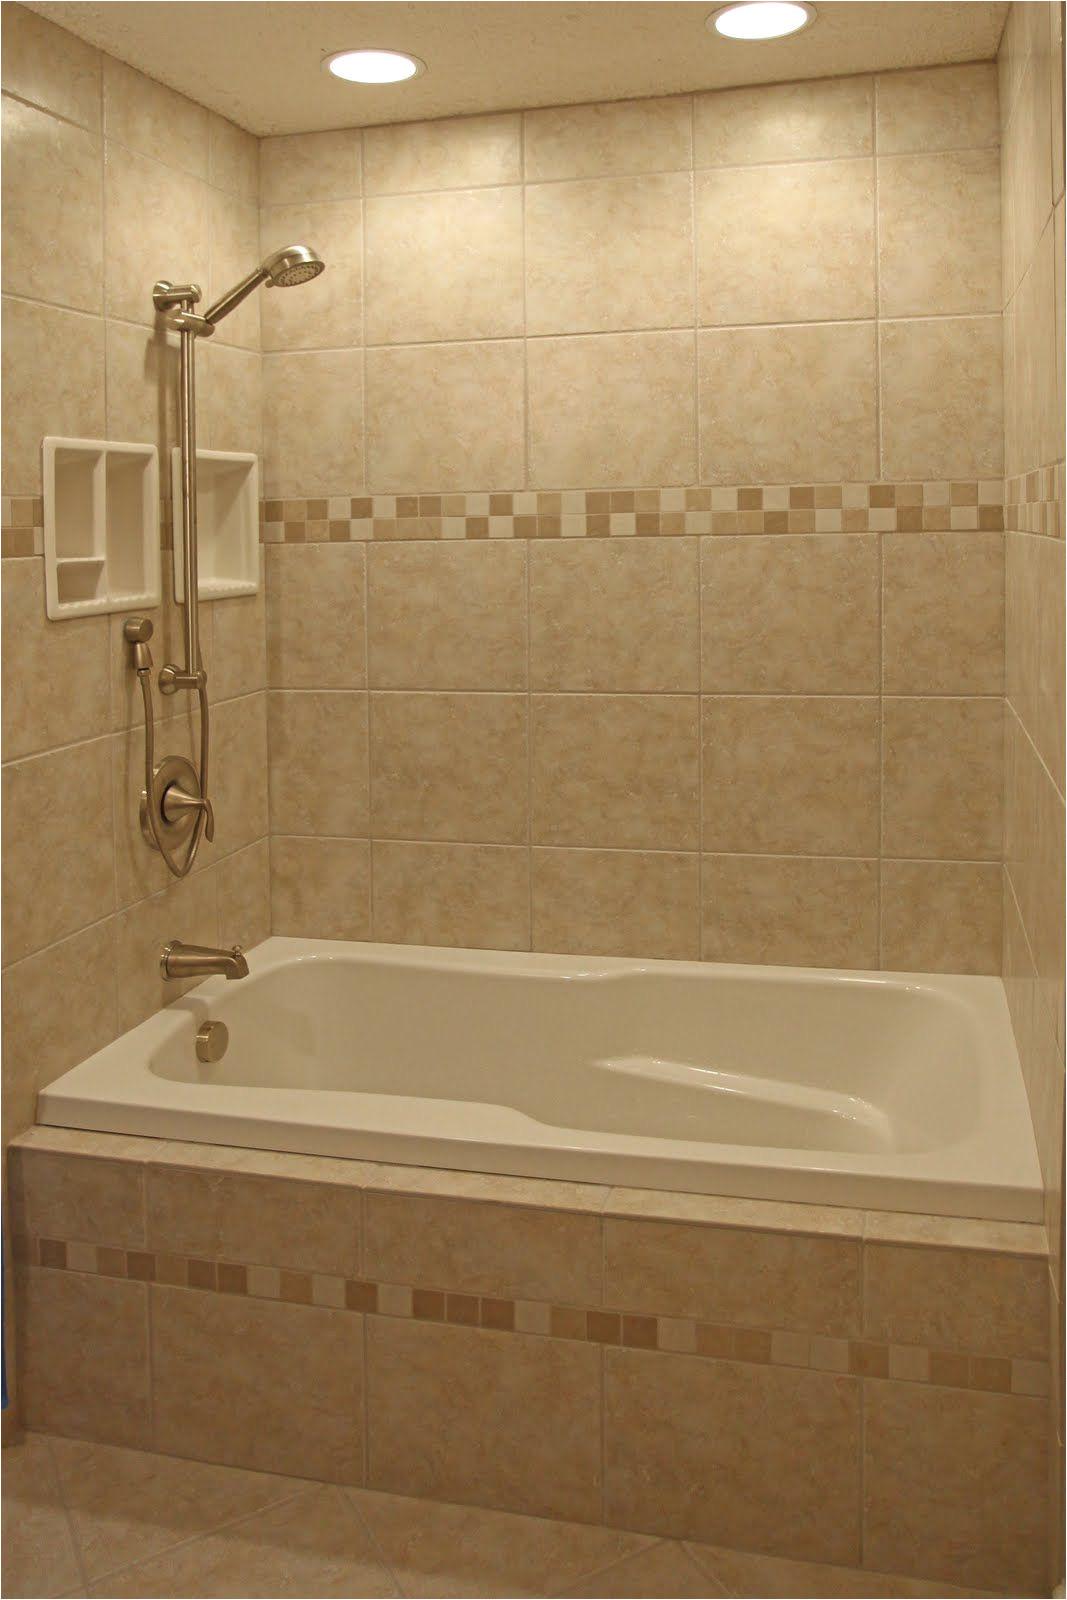 shower and bath remodel bathroom shower design ideas a ceramic tile bathroom shower design